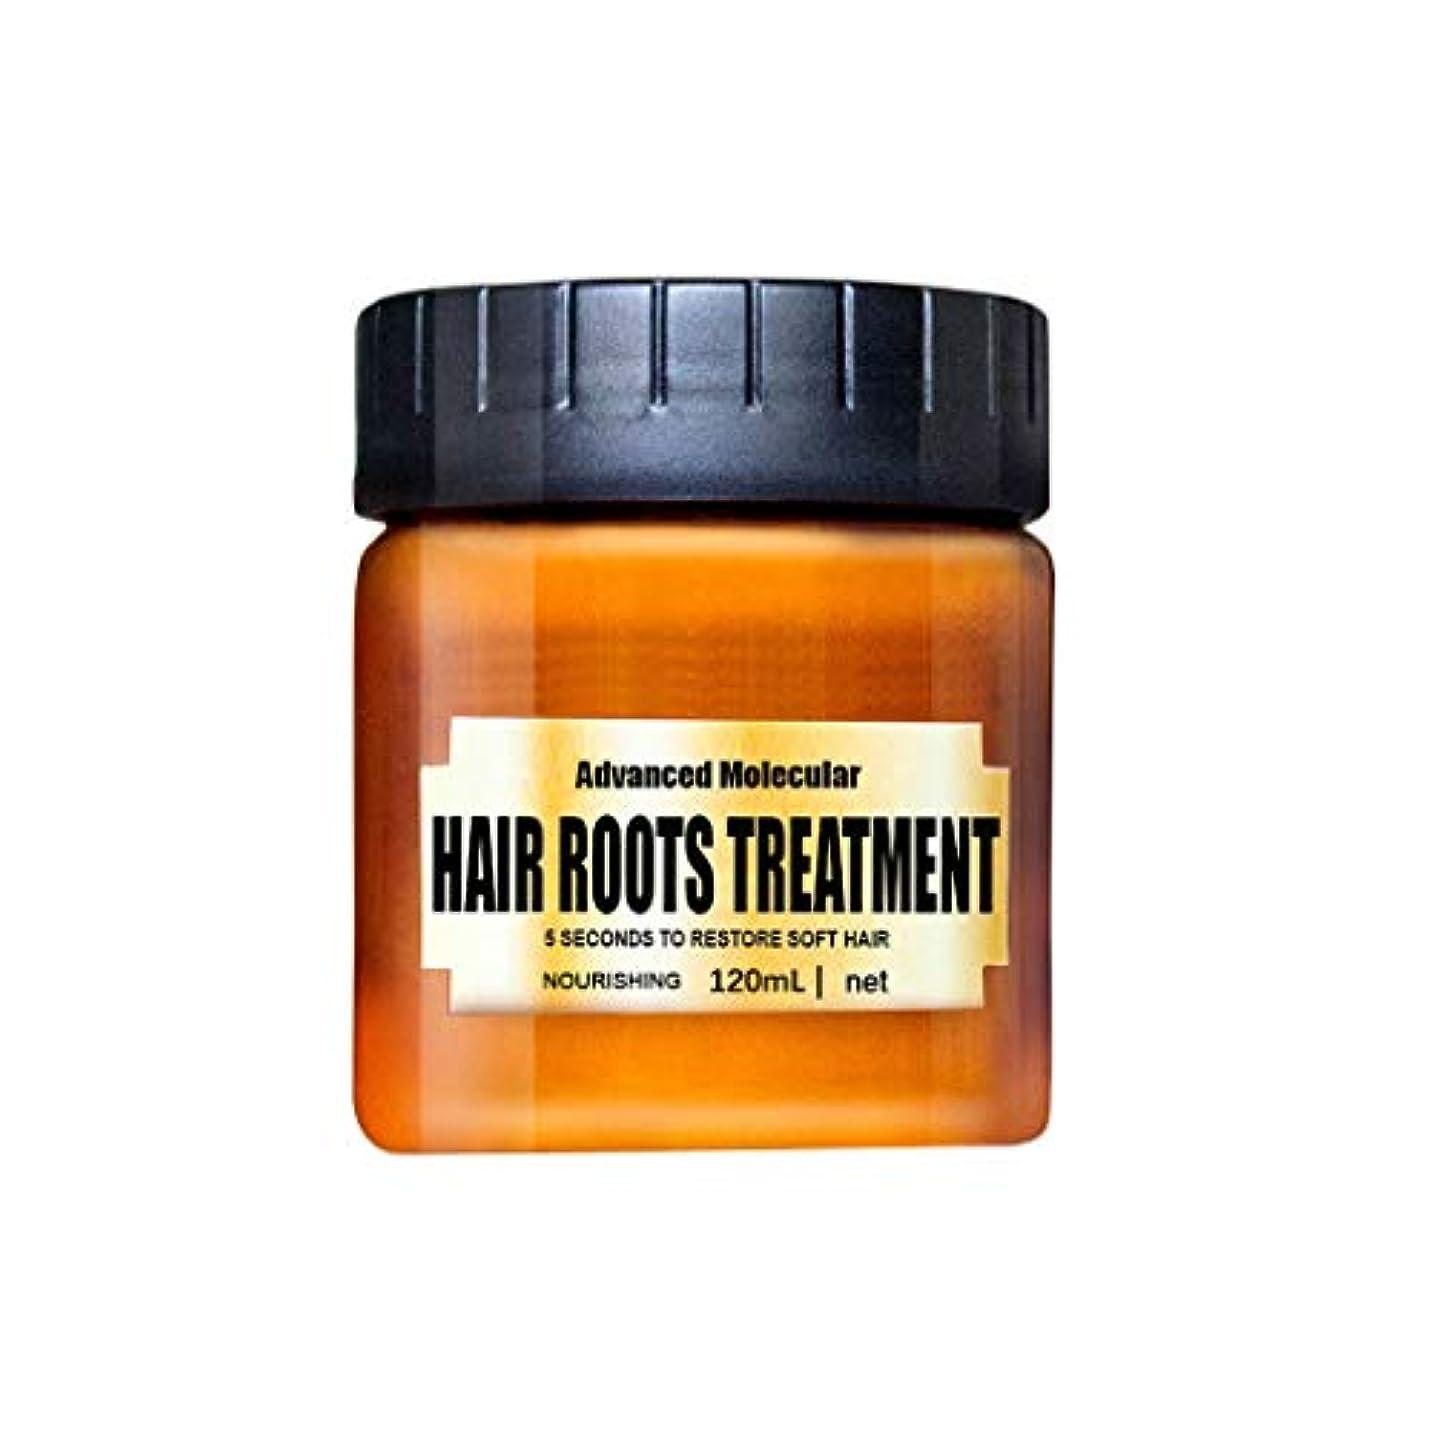 ハッピーブラウズ定期的にDOUJI 天然植物成分 ヘアケア リッチリペア コンディショナー120ml コンディショナー 髪の排毒ヘアマスク高度な分子毛根治療回復エクストラダメージケア トリート